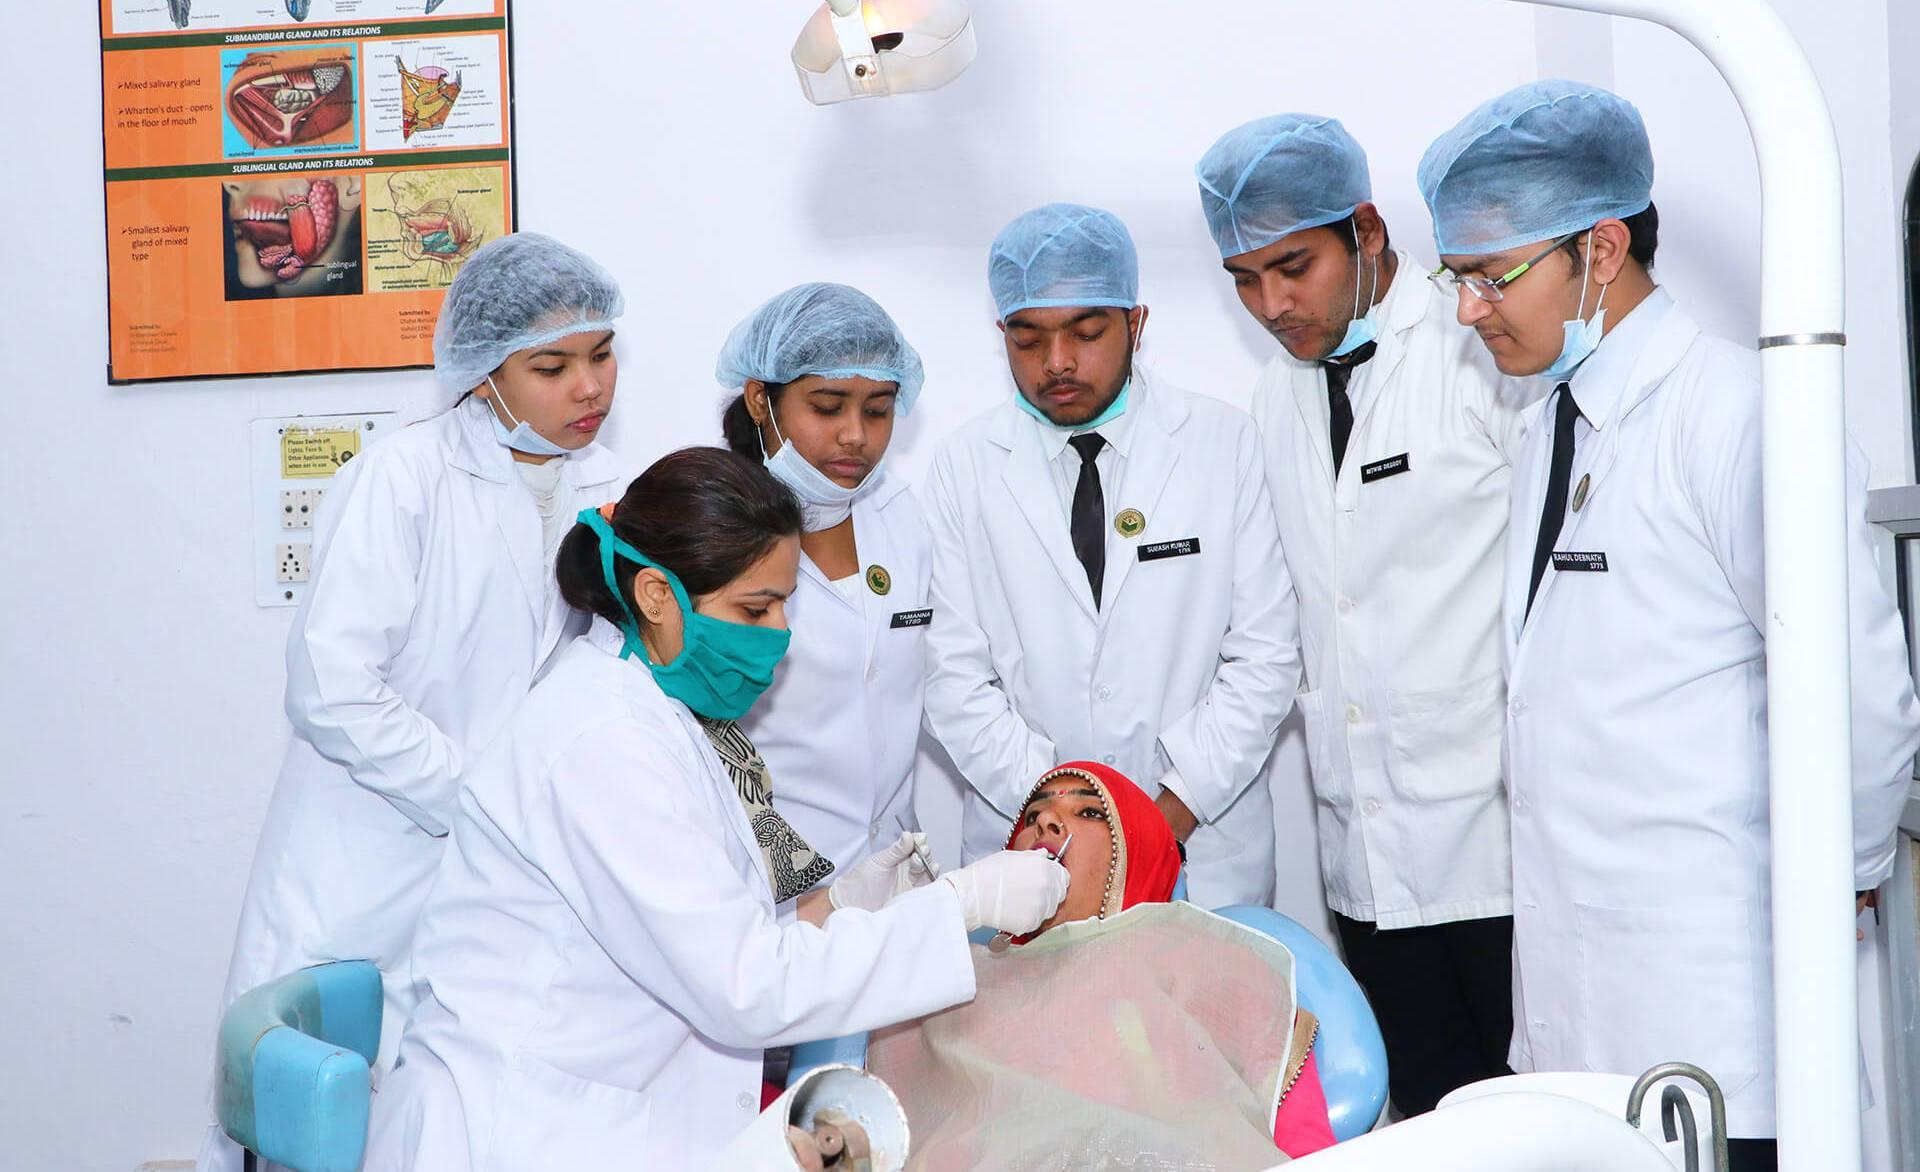 doctors seeing patient